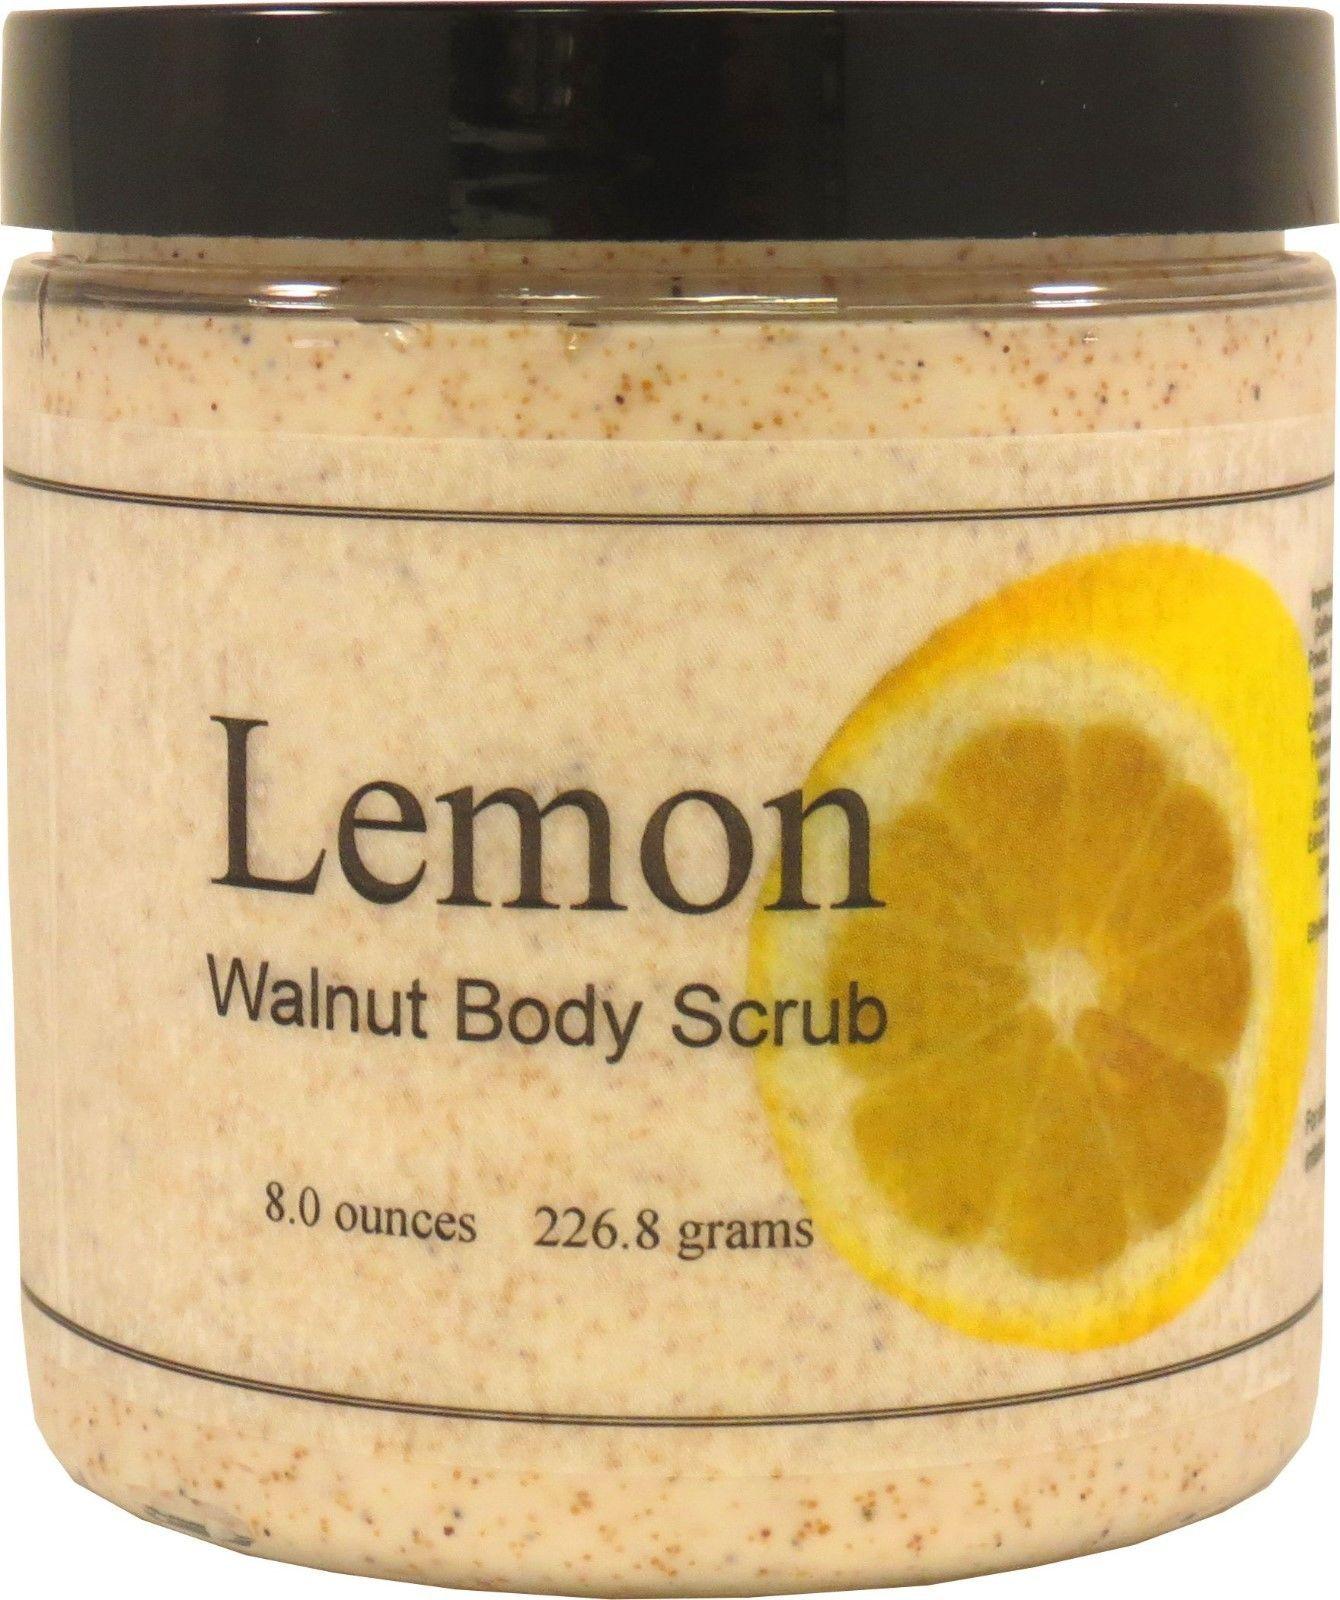 Lemon Walnut Body Scrub